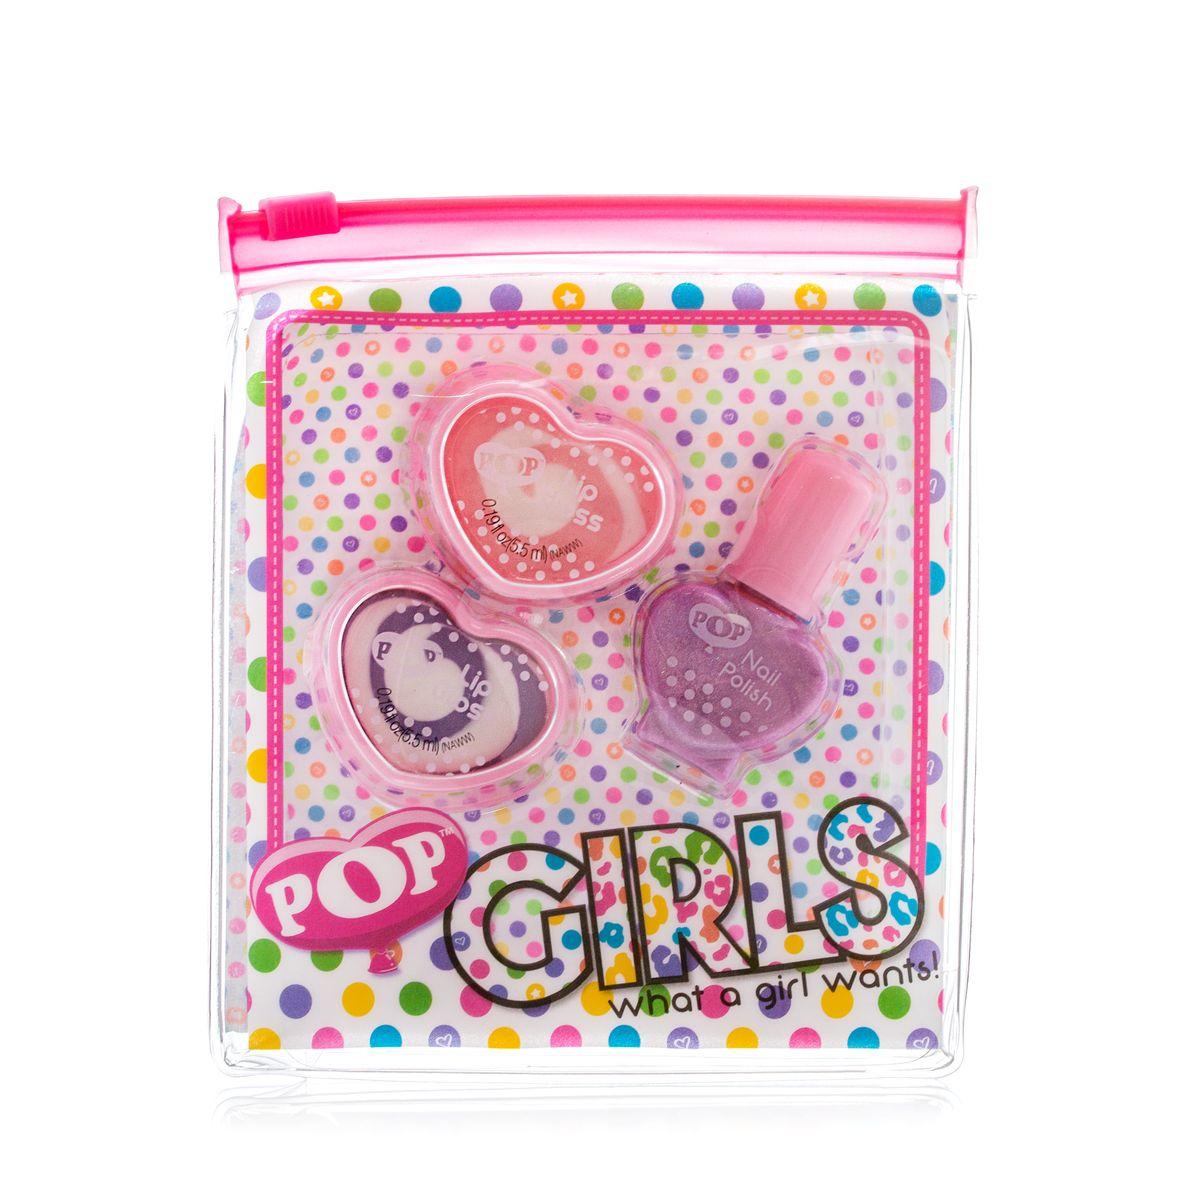 Markwins Игровой набор детской декоративной косметики для губ и ногтей POP 36050513605051Состав набора: блески для губ в баночках 2 шт., лак на водной основе для ногтей 1 шт.